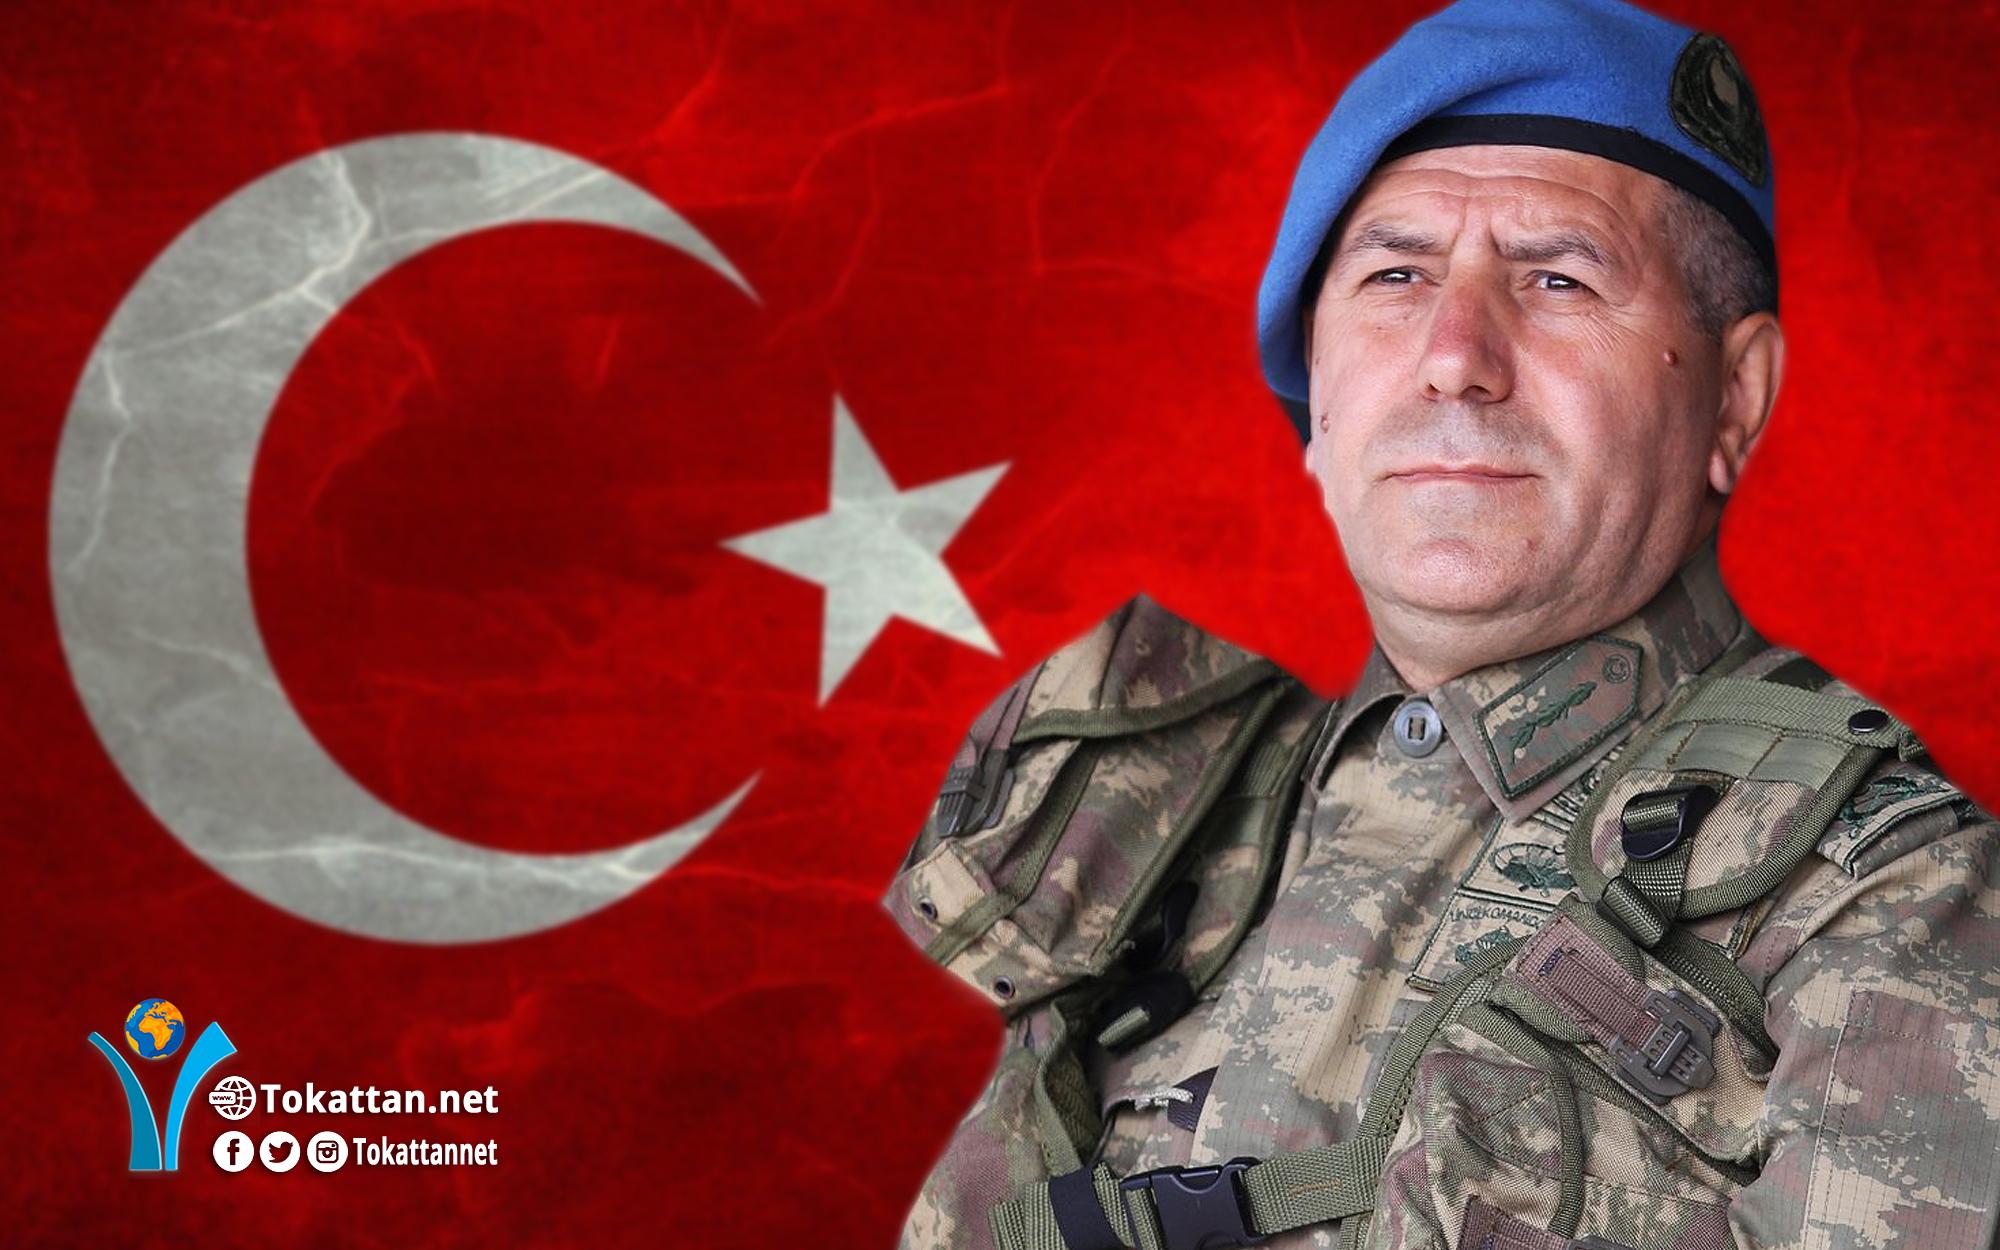 Tokattan.net | Asker AYDOĞAN